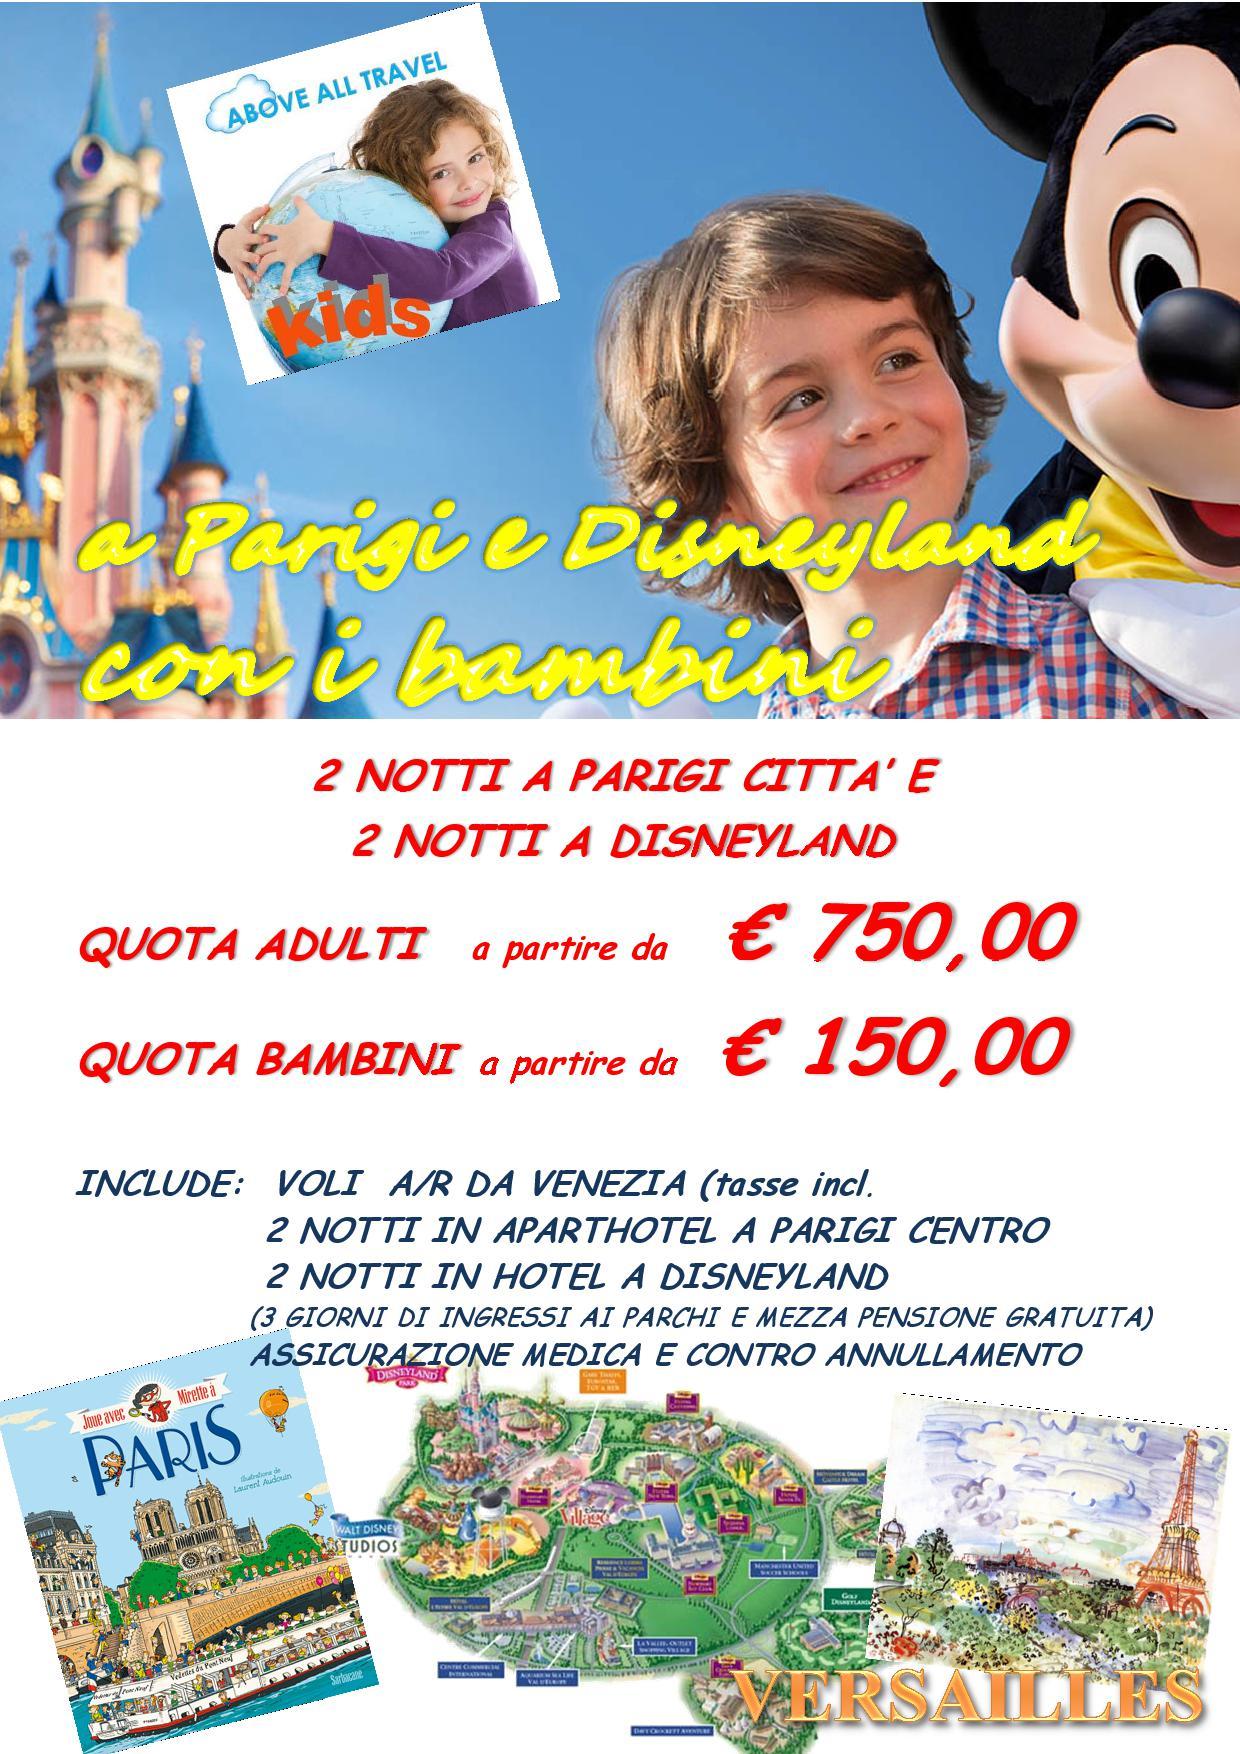 Above all travel kids agenzia di viaggi for Pacchetti eurodisney volo soggiorno